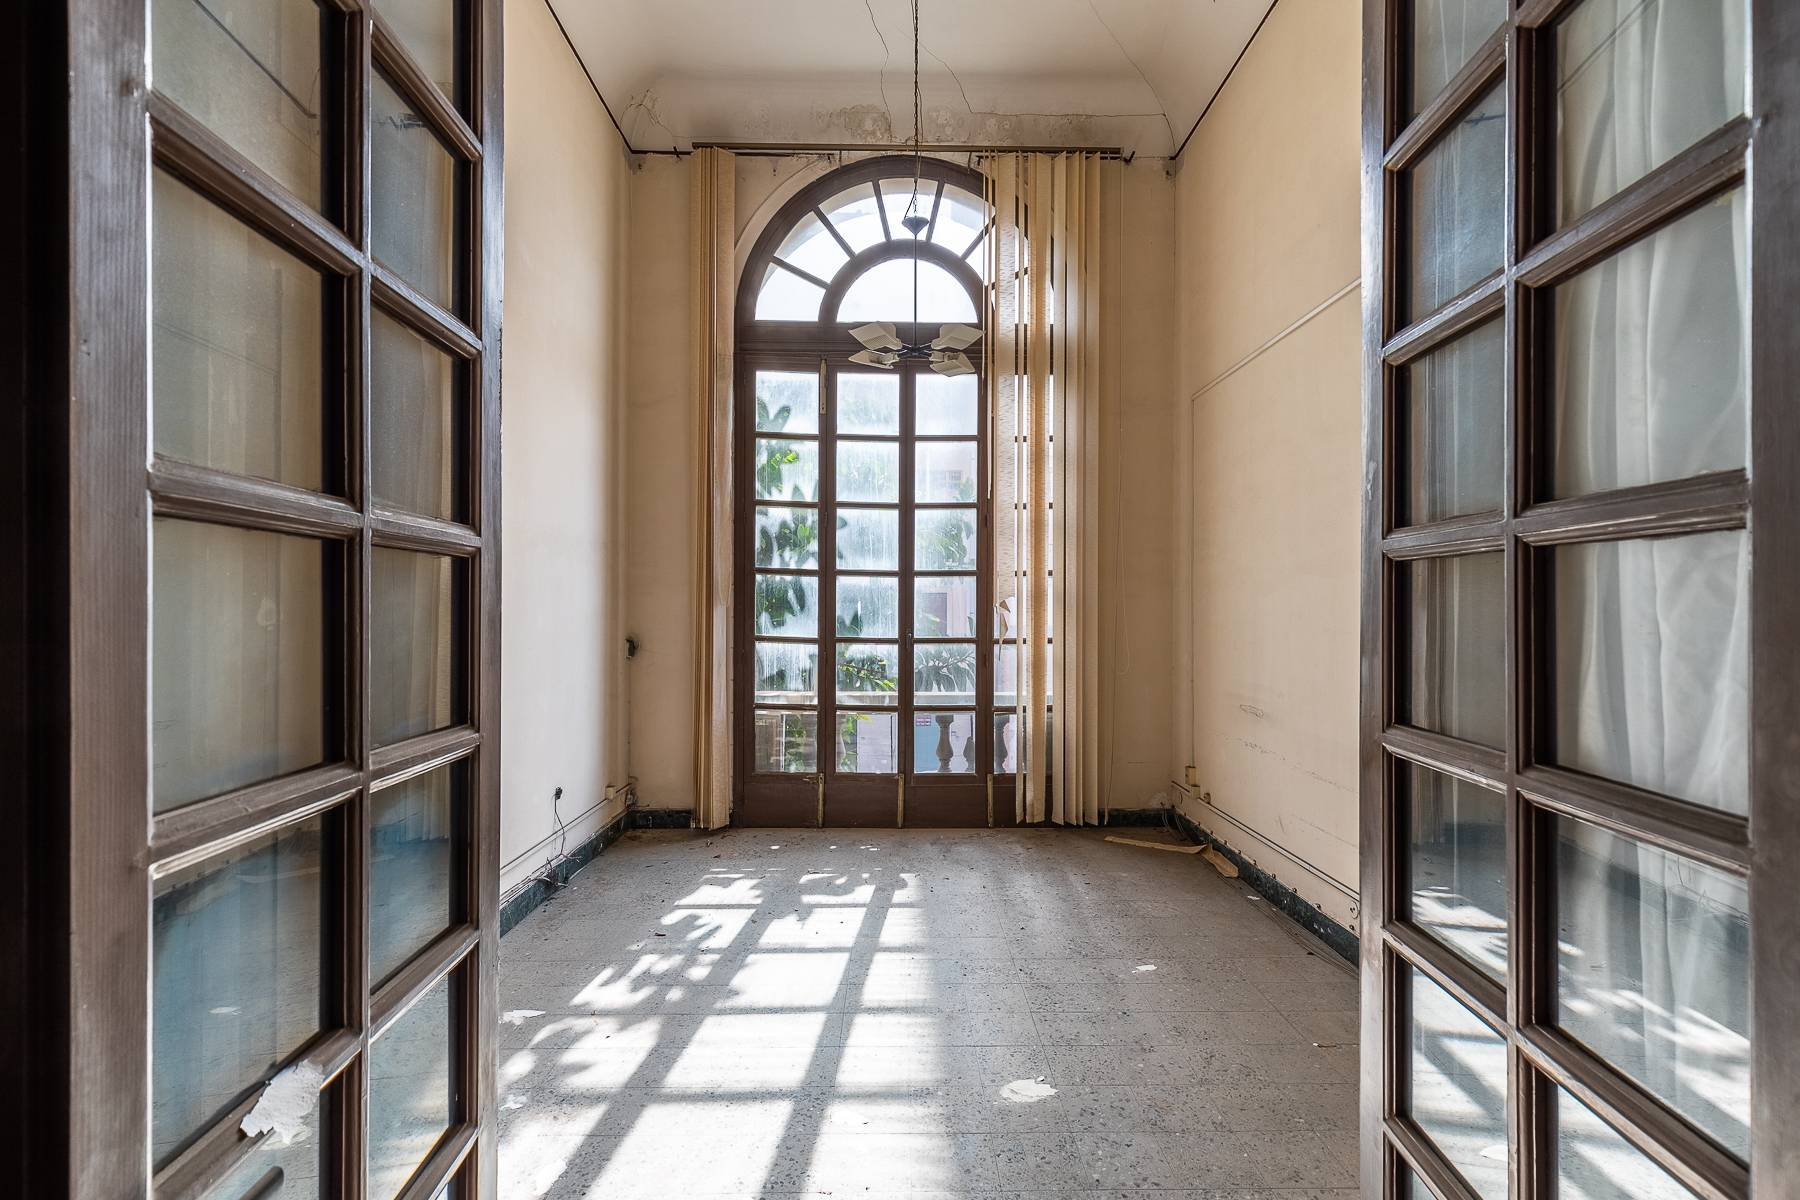 Casa indipendente in Vendita a Trapani: 5 locali, 740 mq - Foto 14